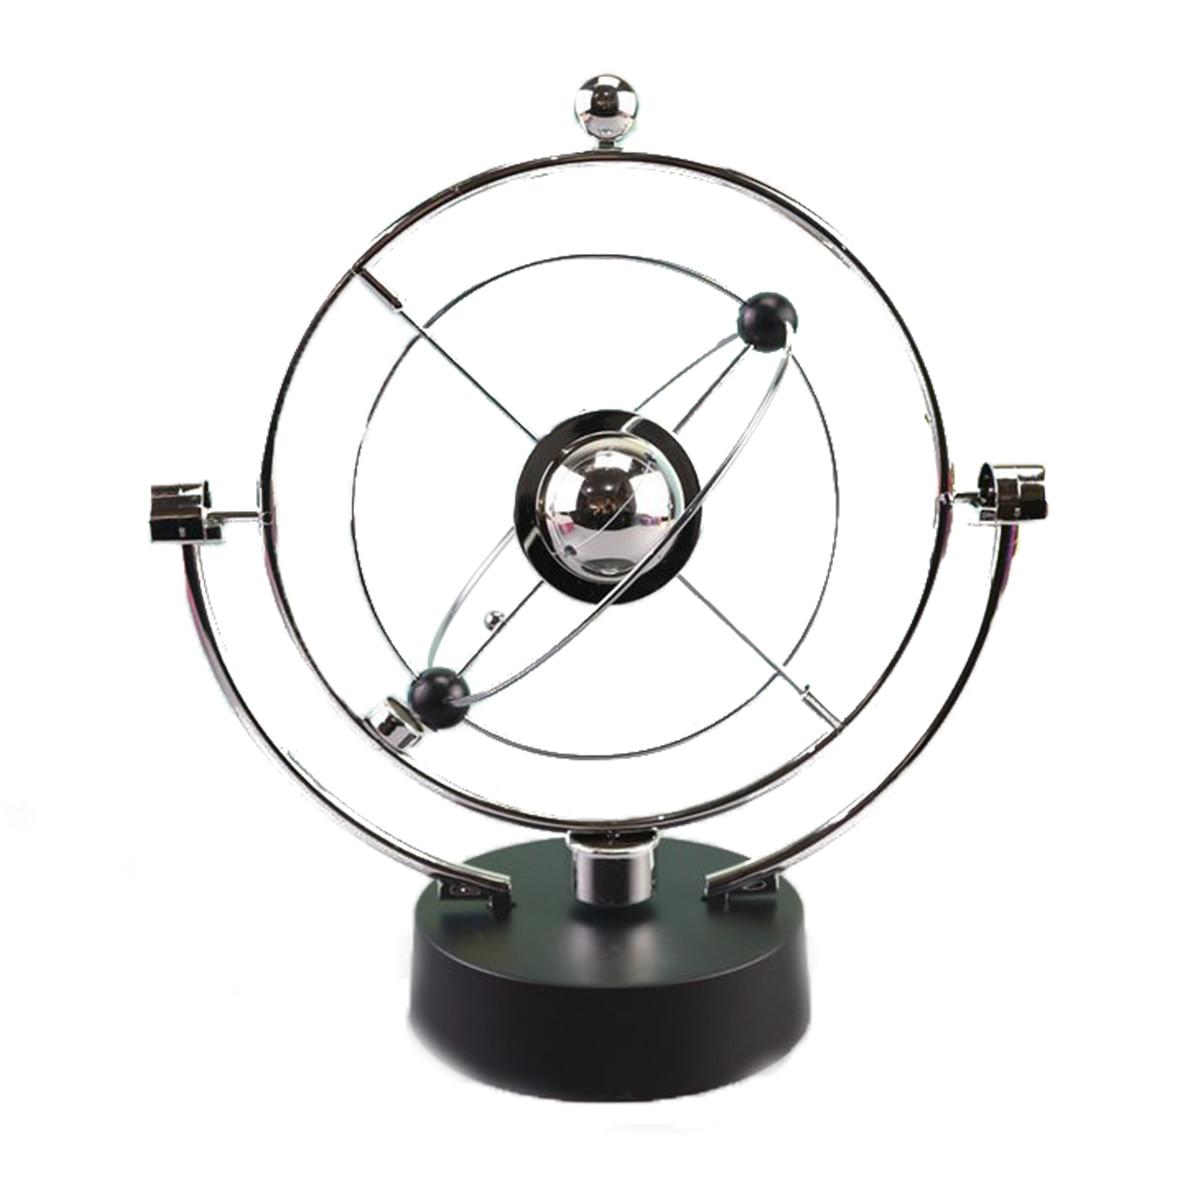 การหมุน Perpetual Motion Swing Celestial Globe ลูกตุ้ม Newton รุ่น Kinetic Orbital Revolving Gadget Home Decor หัตถกรรมเครื่องประดับ